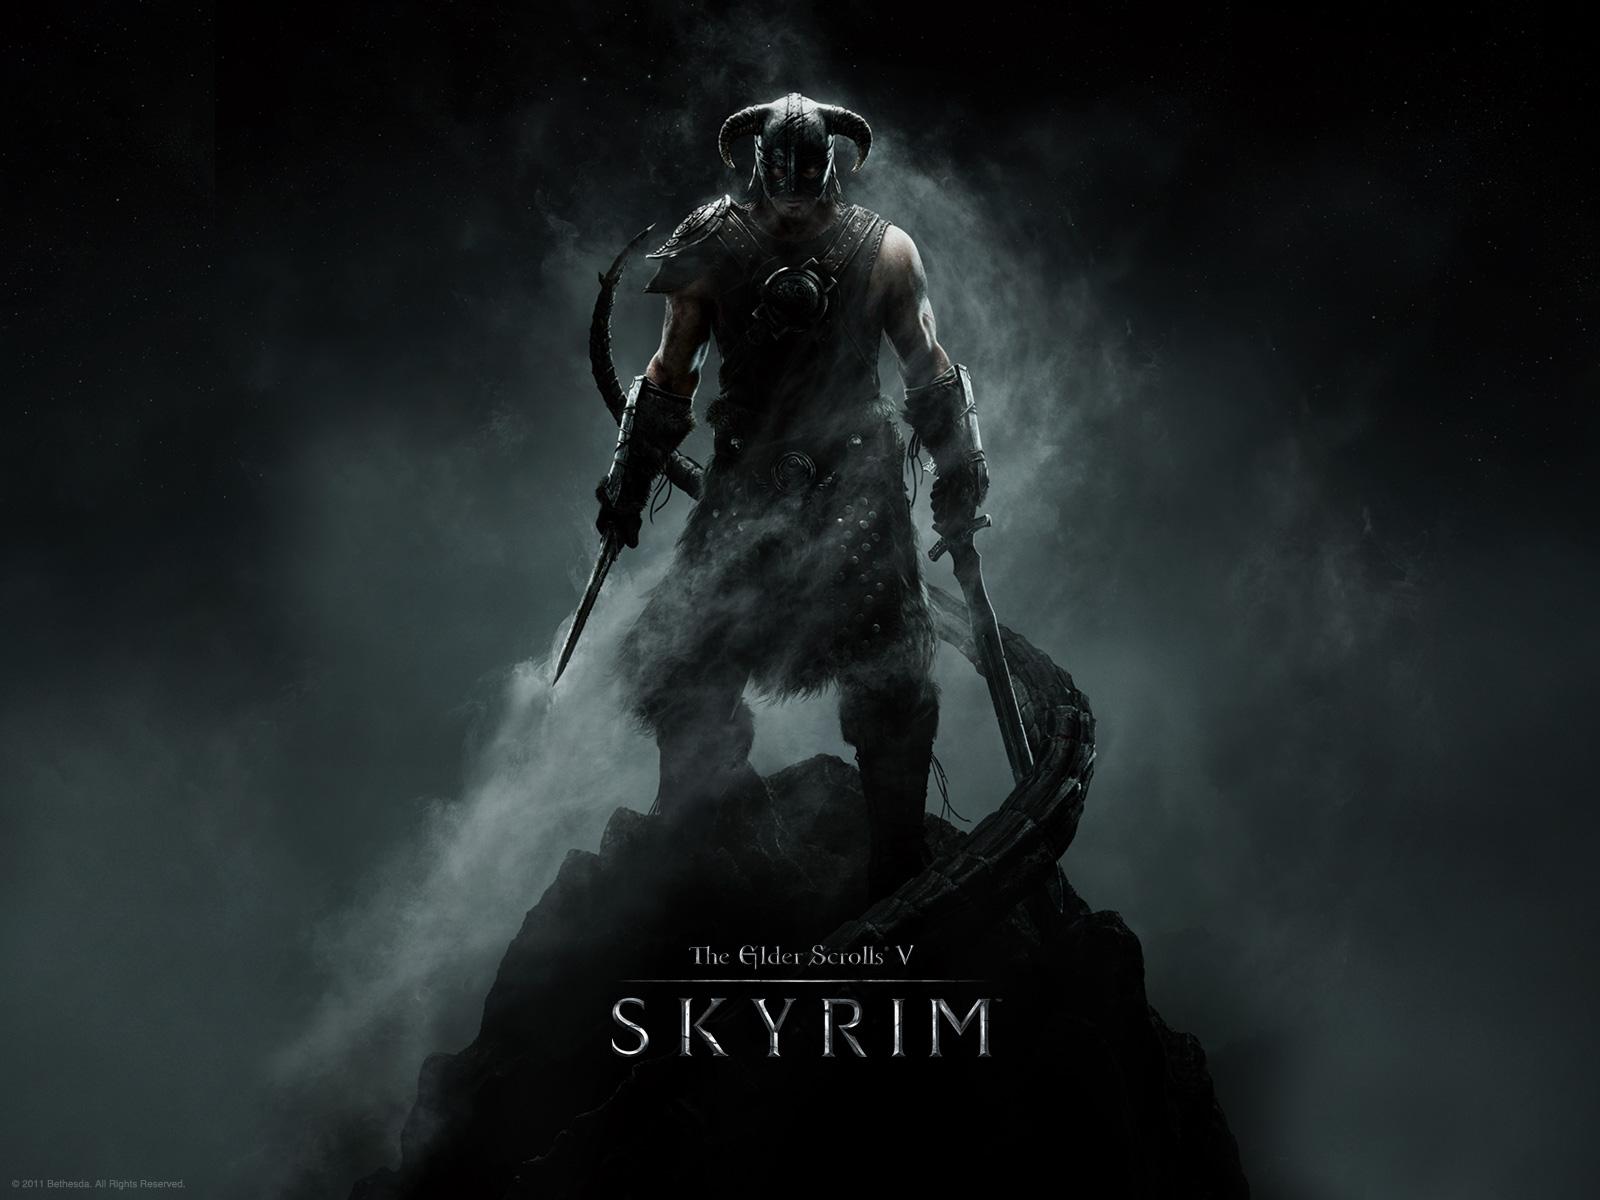 Skyrim побила рекорд Fallout 3 и Oblivion по количеству патчей.